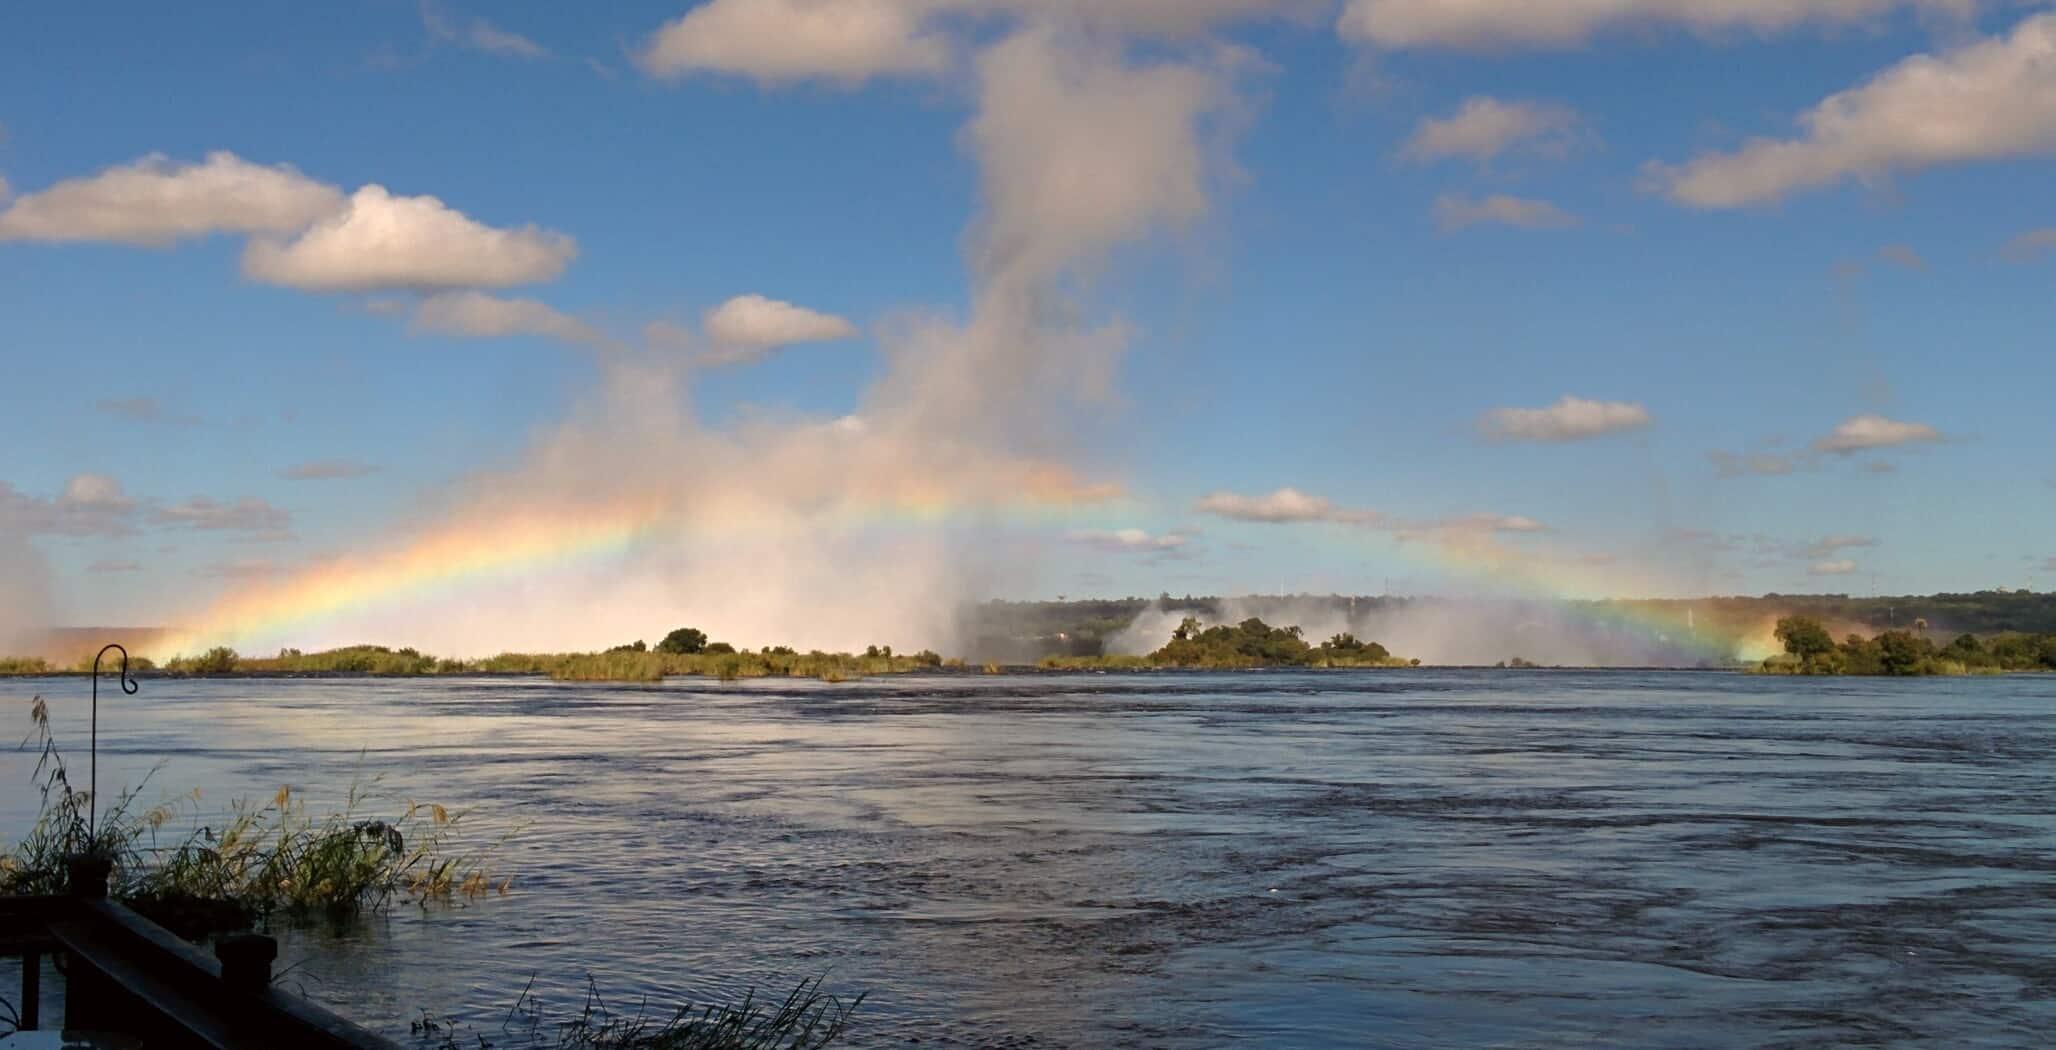 De Victoria Falls onder een regenboog door de eeuwige sproeiregen van de waterval.